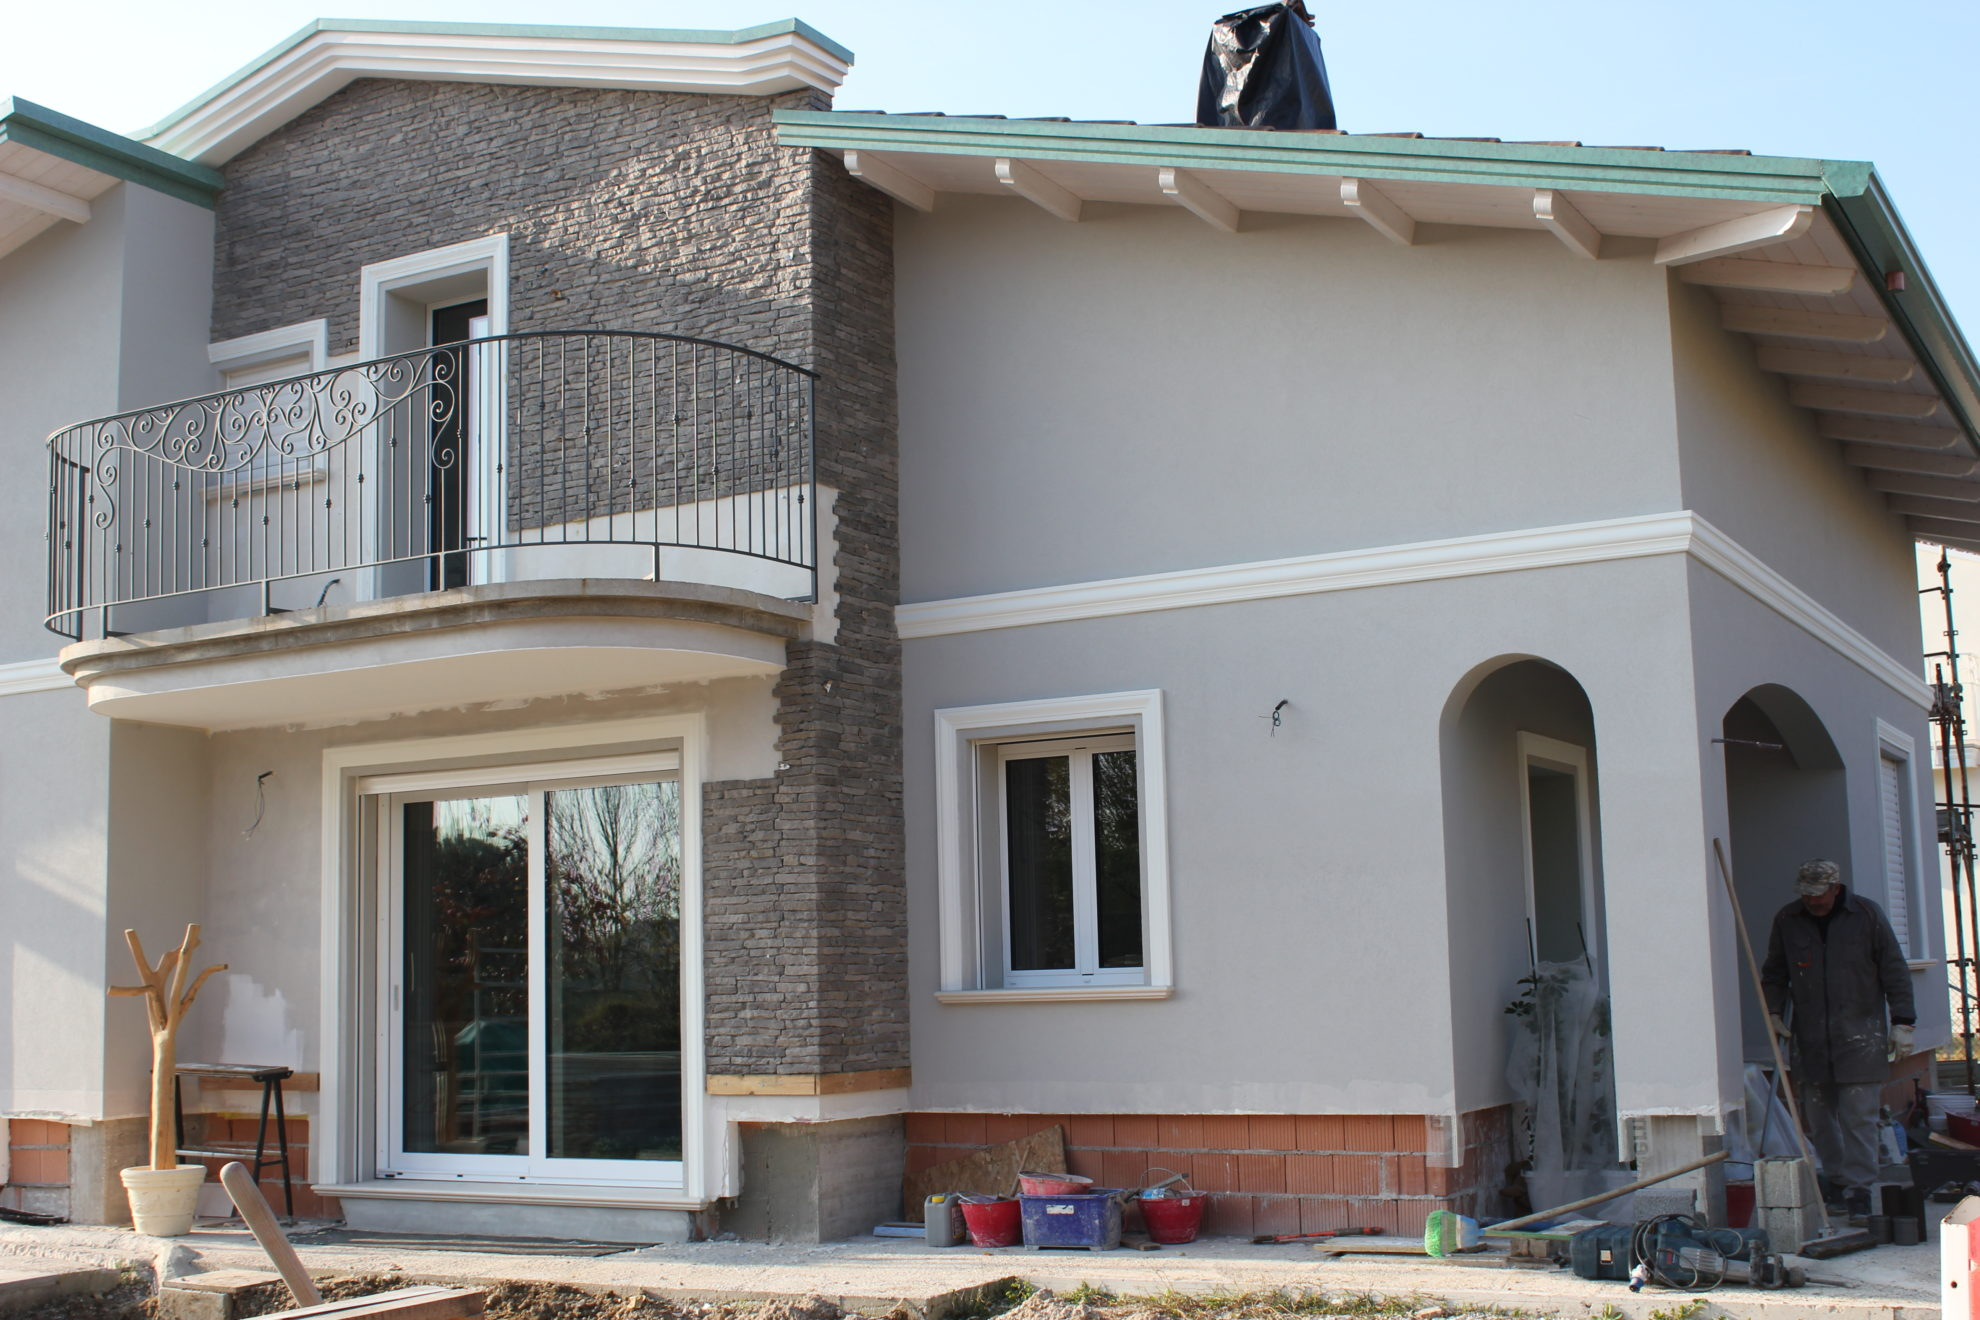 Marcapiani in polistirolo rivestito per facciate esterne degli edifici - Decori per finestre esterne ...